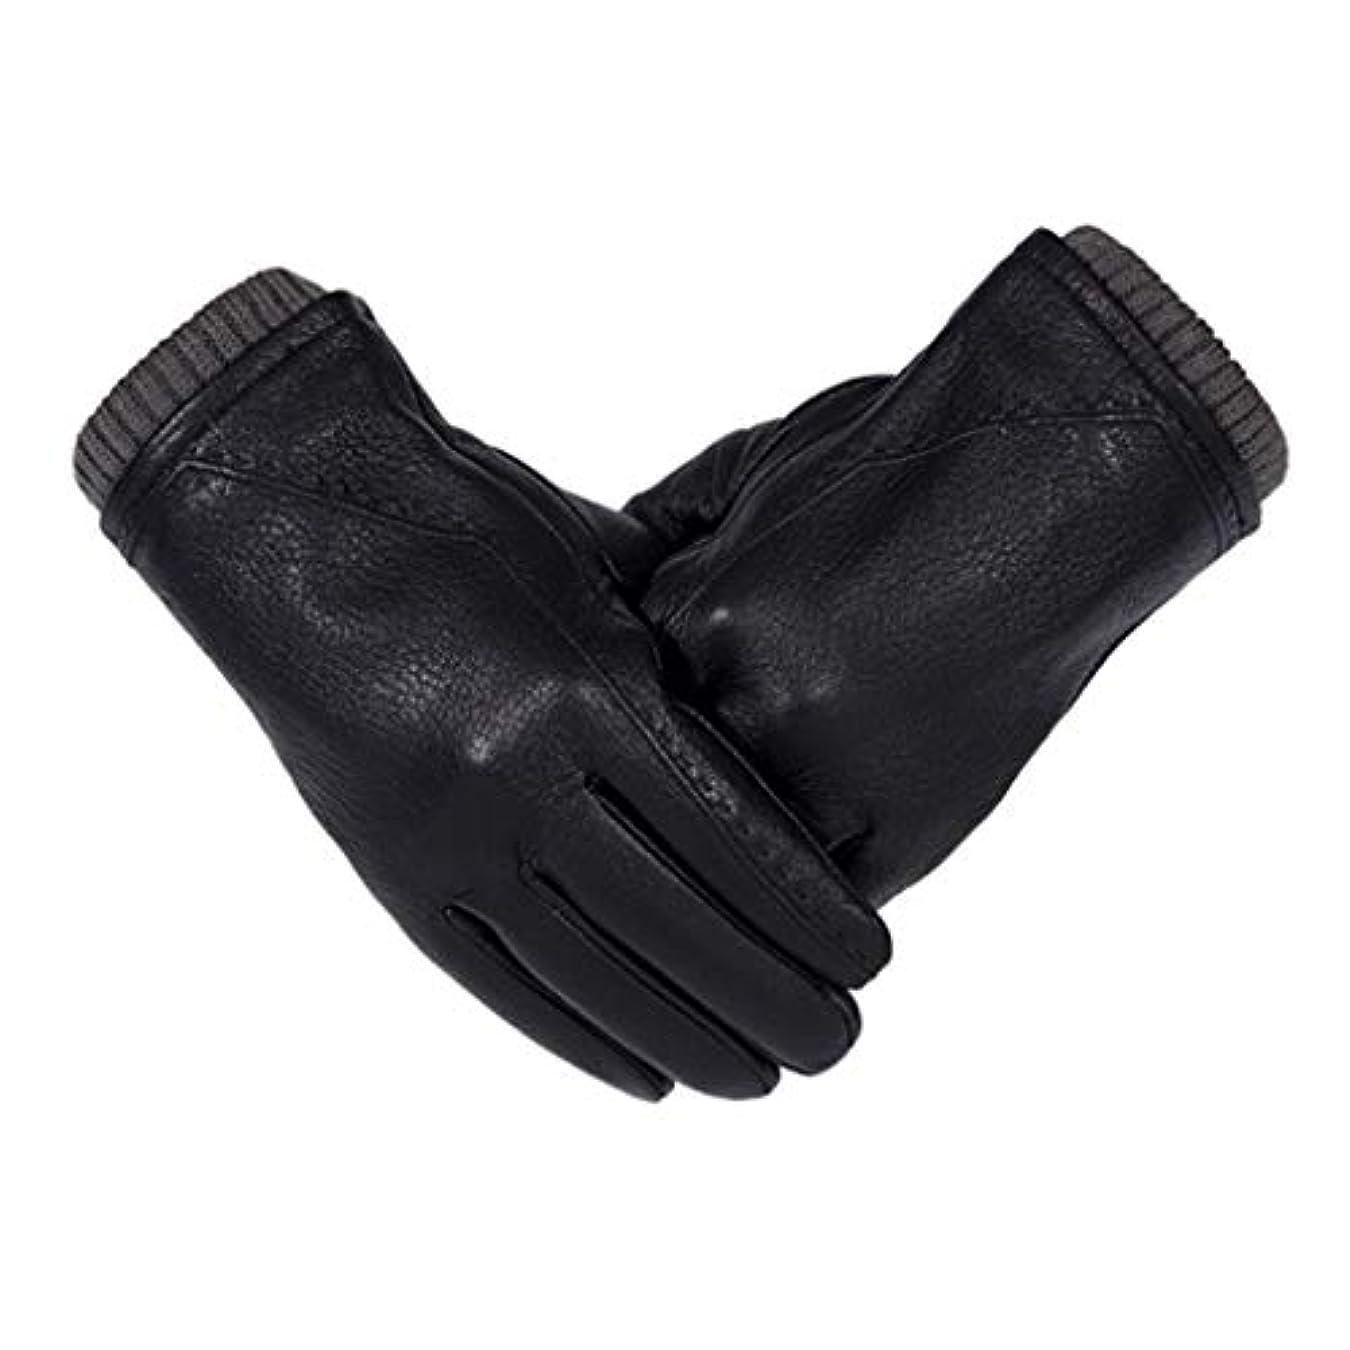 努力十分に最大革の手袋男性の冬の厚いタッチタッチスクリーン駆動サイクリング男性の暖かい手袋